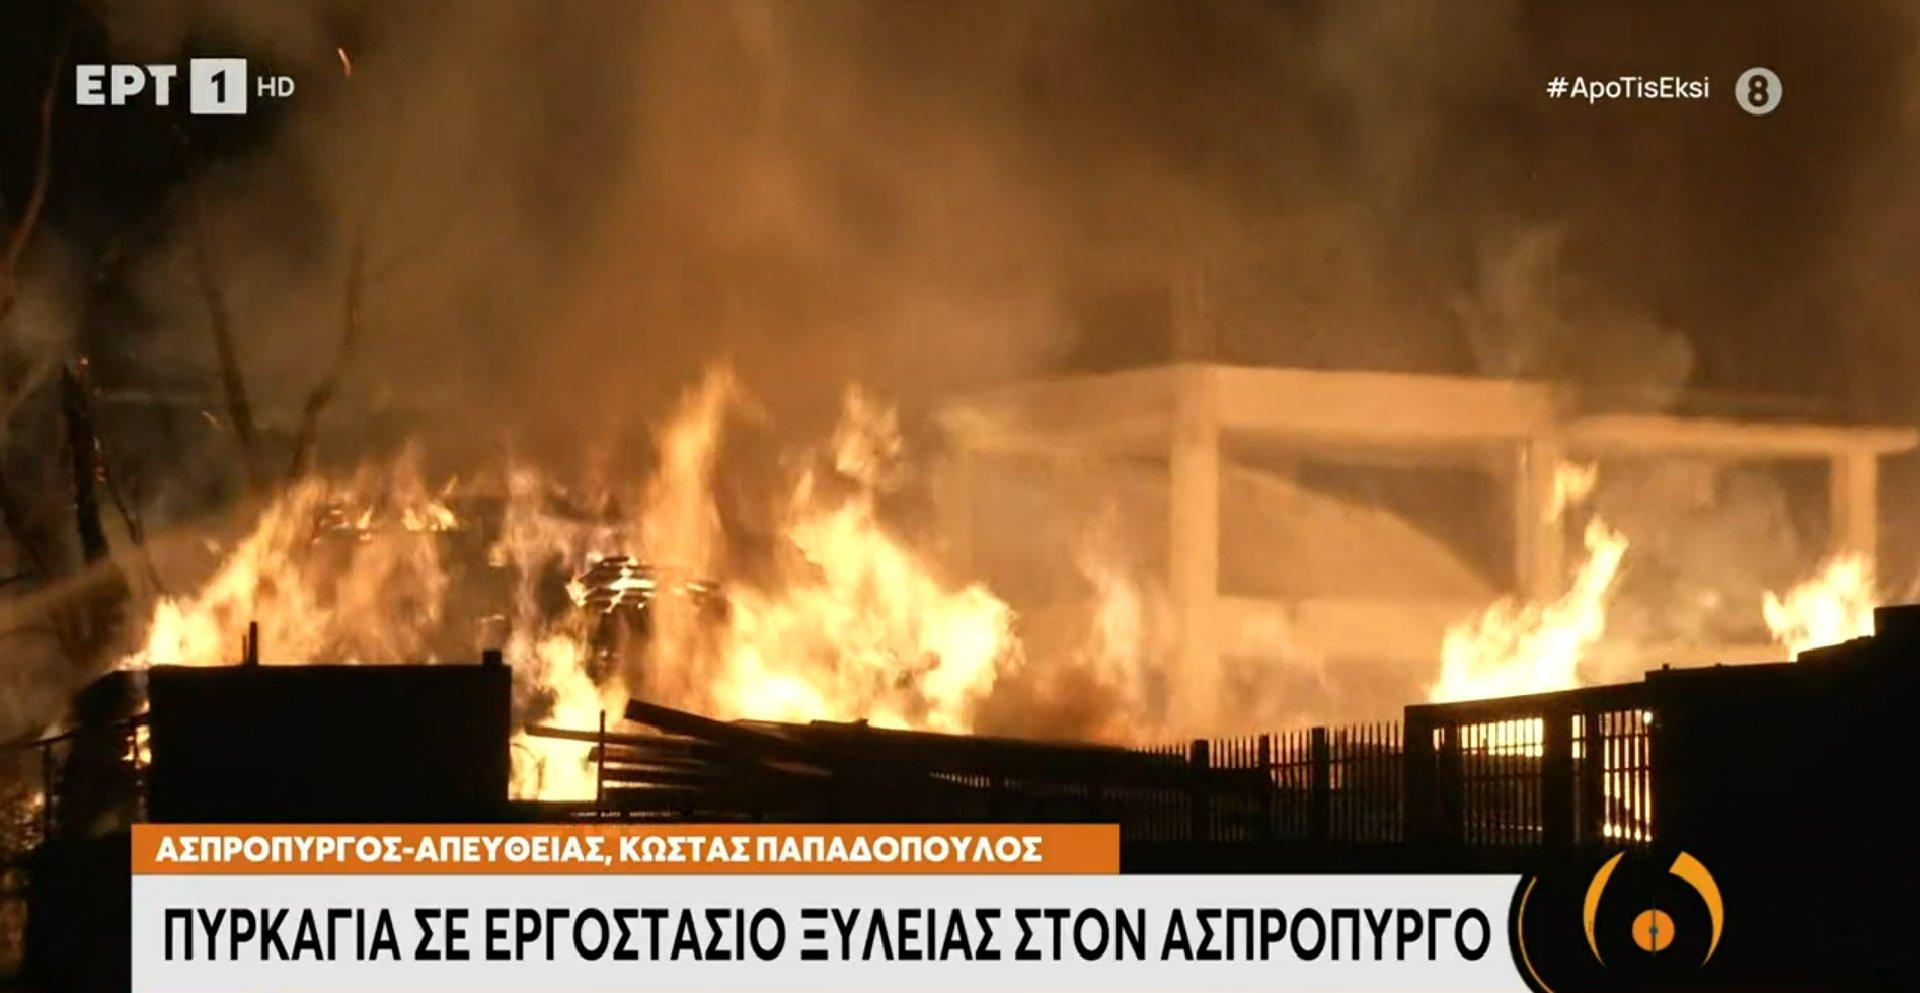 Μεγάλη φωτιά στον Ασπρόπυργο, σε εργοστάσιο ξυλείας - NewsIT